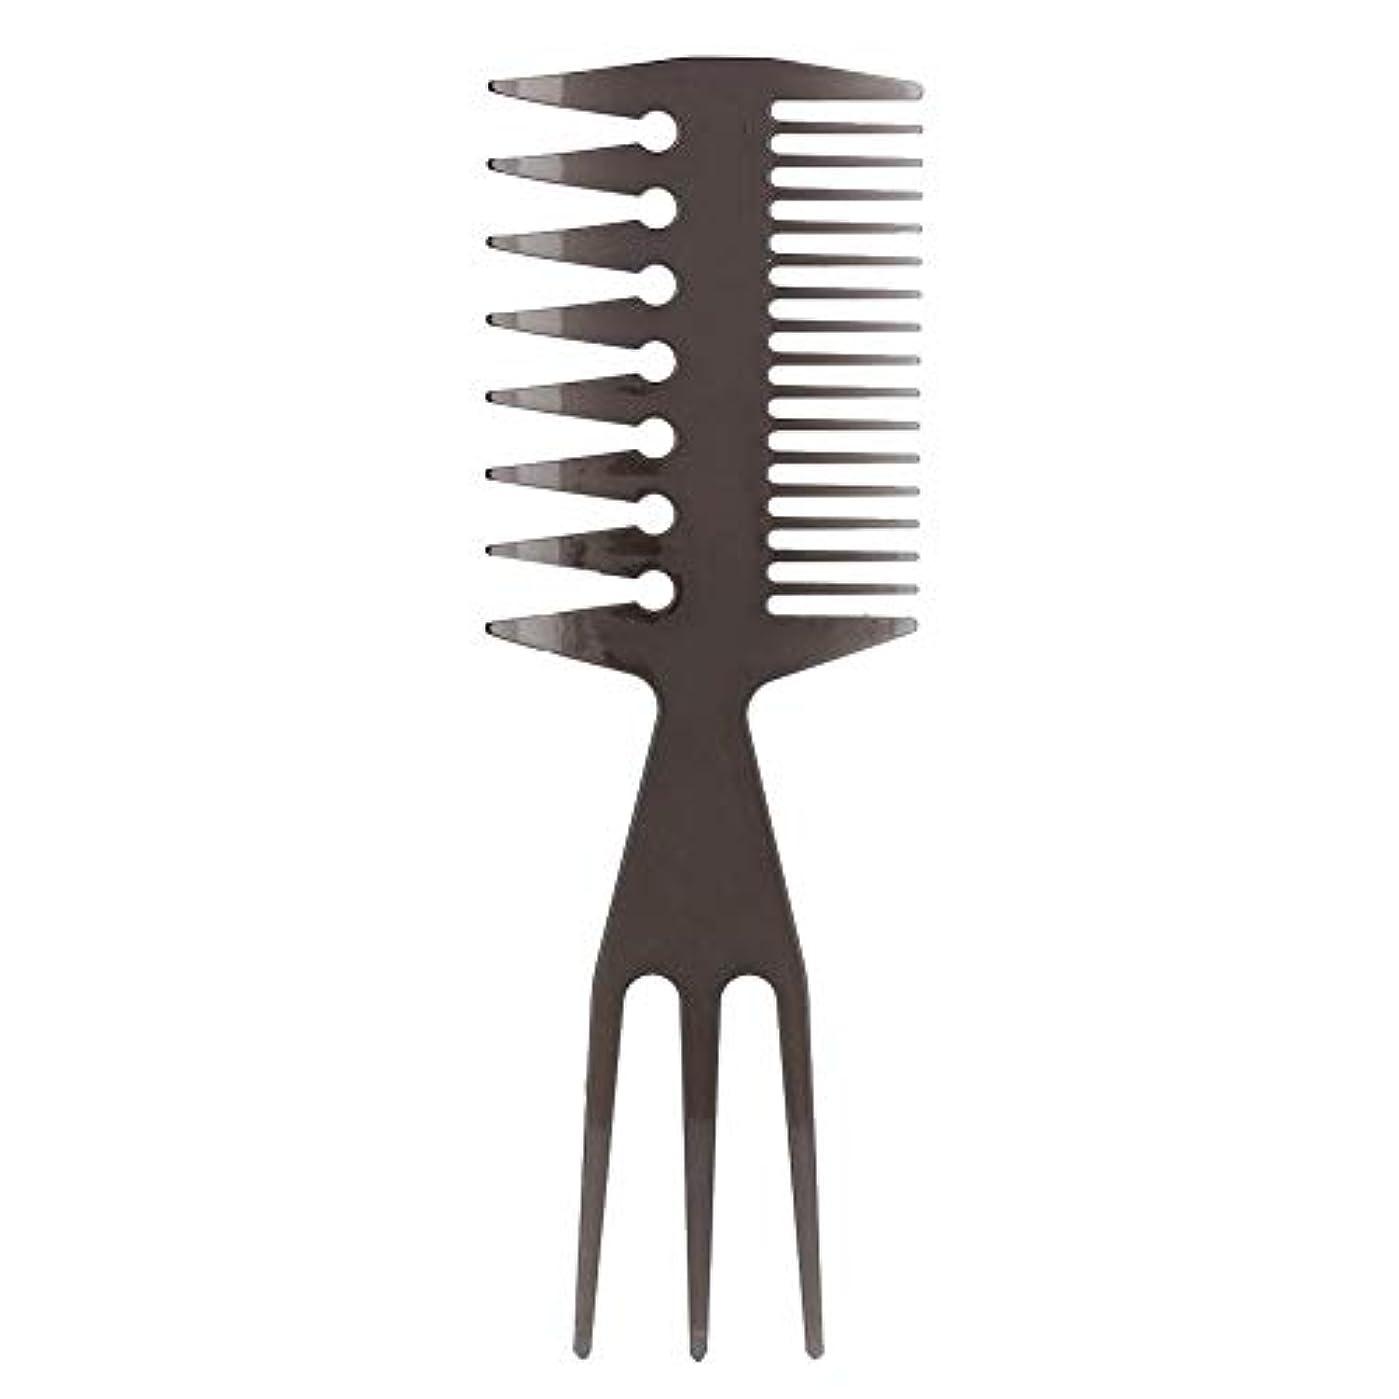 の面ではテロリスト対人メンズオイルヘアポータブルワイドラージトゥースロングハンドルヘアスタイルコームのための三方毛櫛6種類(2#)